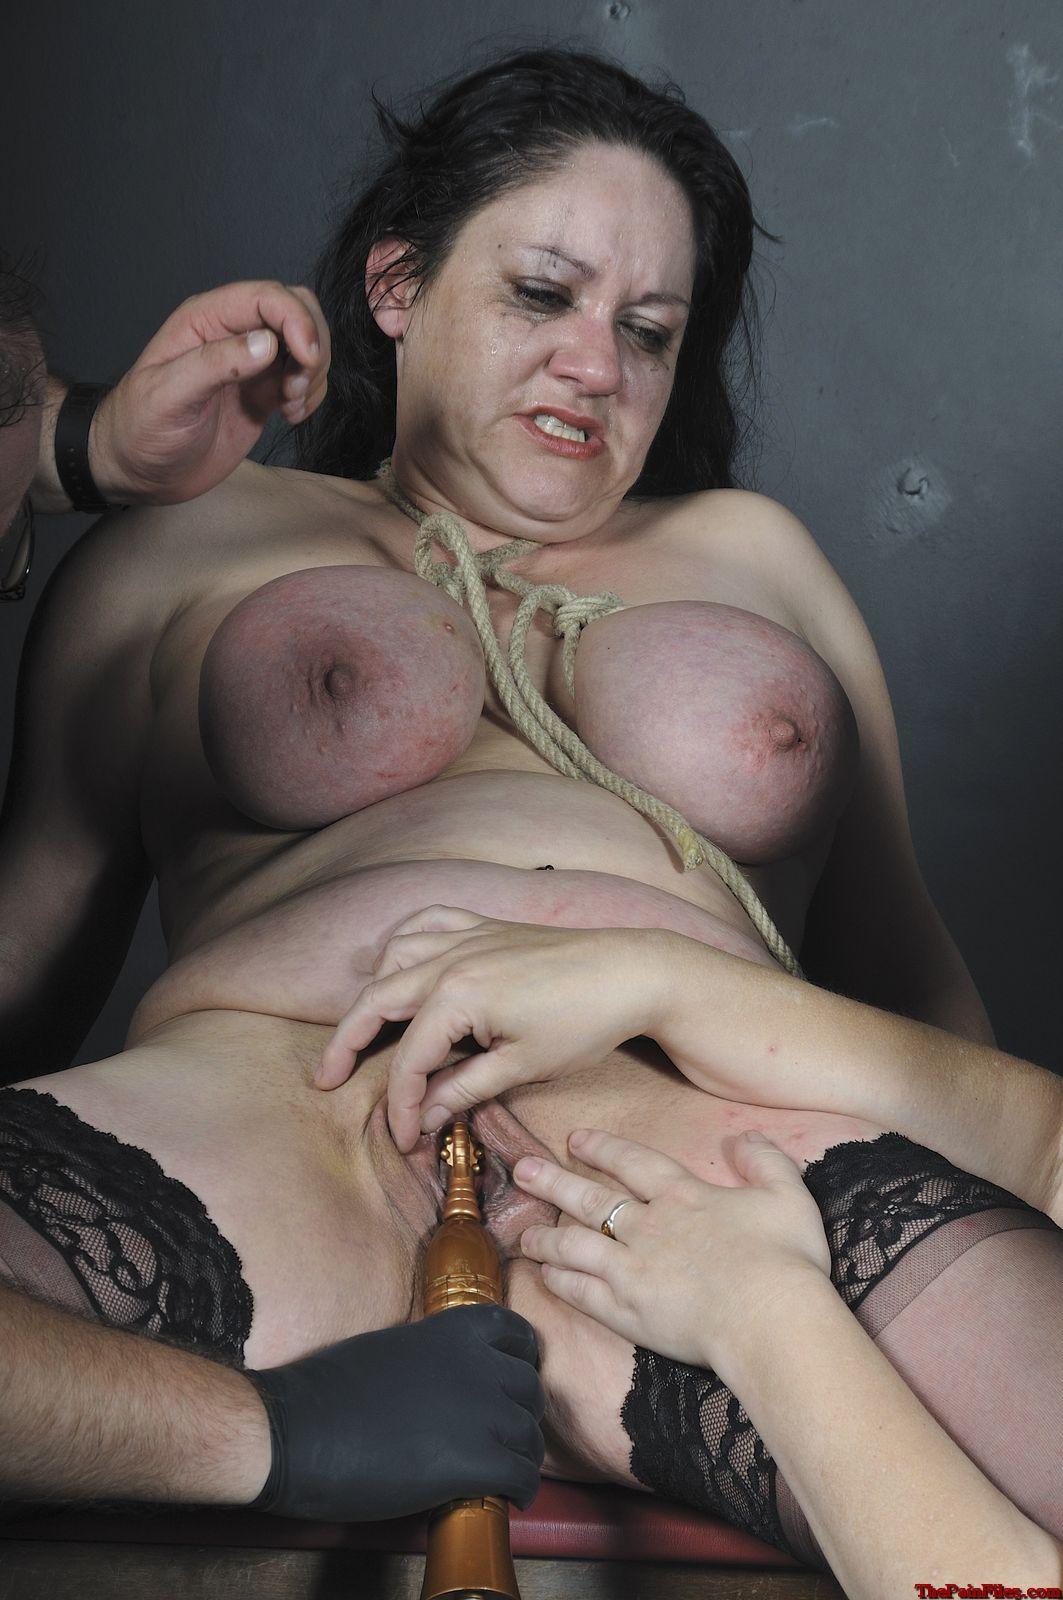 Секс фото самое жесткое порно смотреть 12 фотография